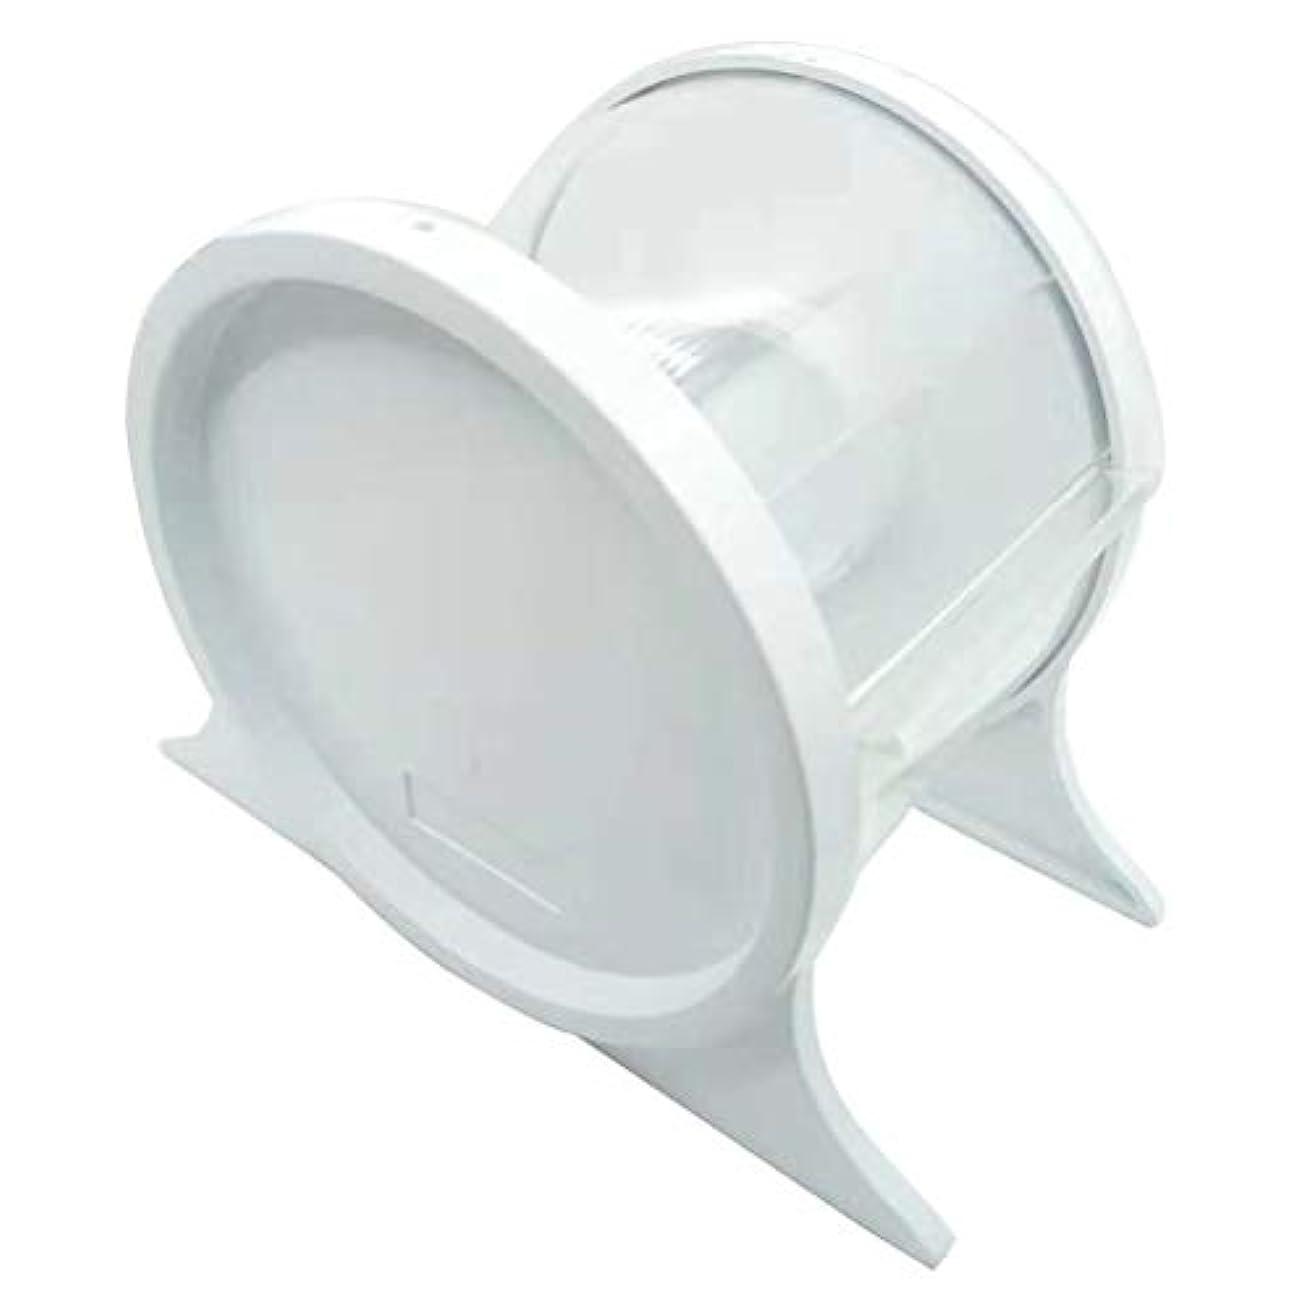 イヤホン望む怒ってHealifty 1ピース使い捨て歯科バリアフィルムディスペンサー保護スタンドホルダーシェルフ歯科ツール(ホワイト)